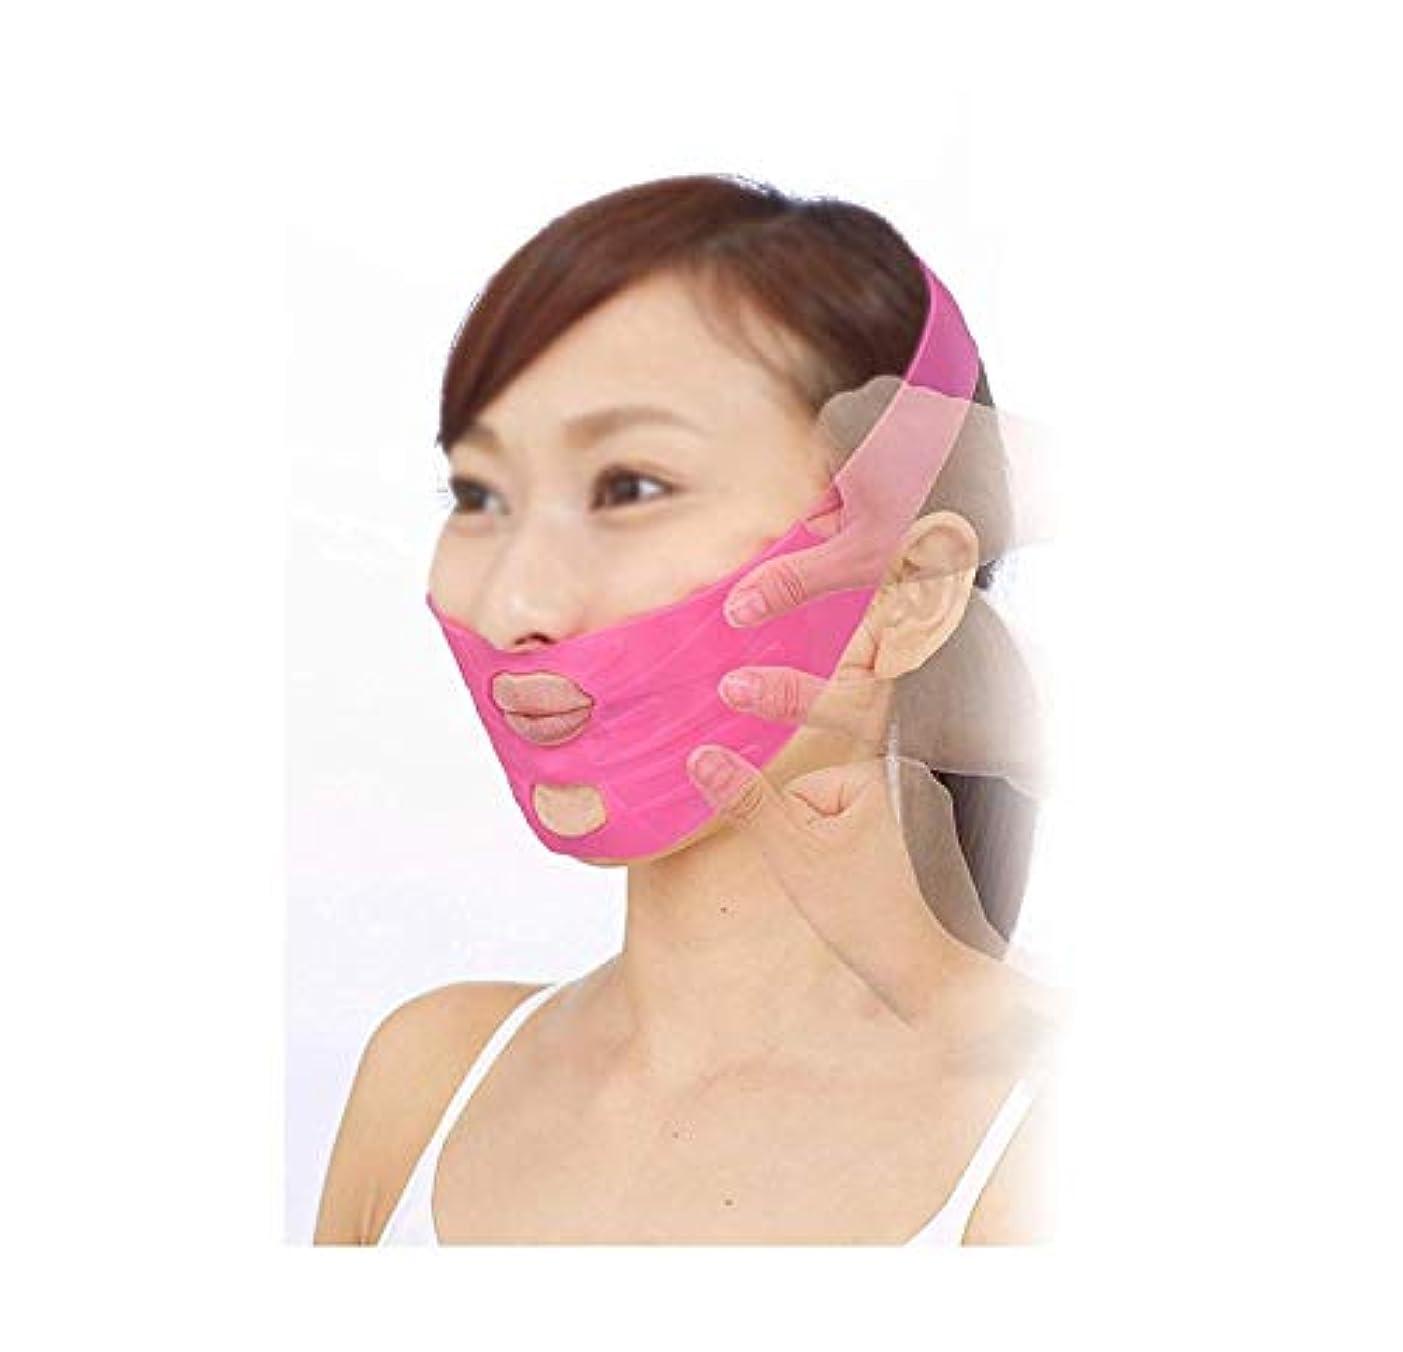 イソギンチャク潤滑する皮肉フェイシャルマスク、フェイスリフティングアーティファクトフェイスマスク垂れ顔SサイズVフェイス包帯通気性スリーピングフェイスダブルチンチンセットスリープ弾性スリミングベルト